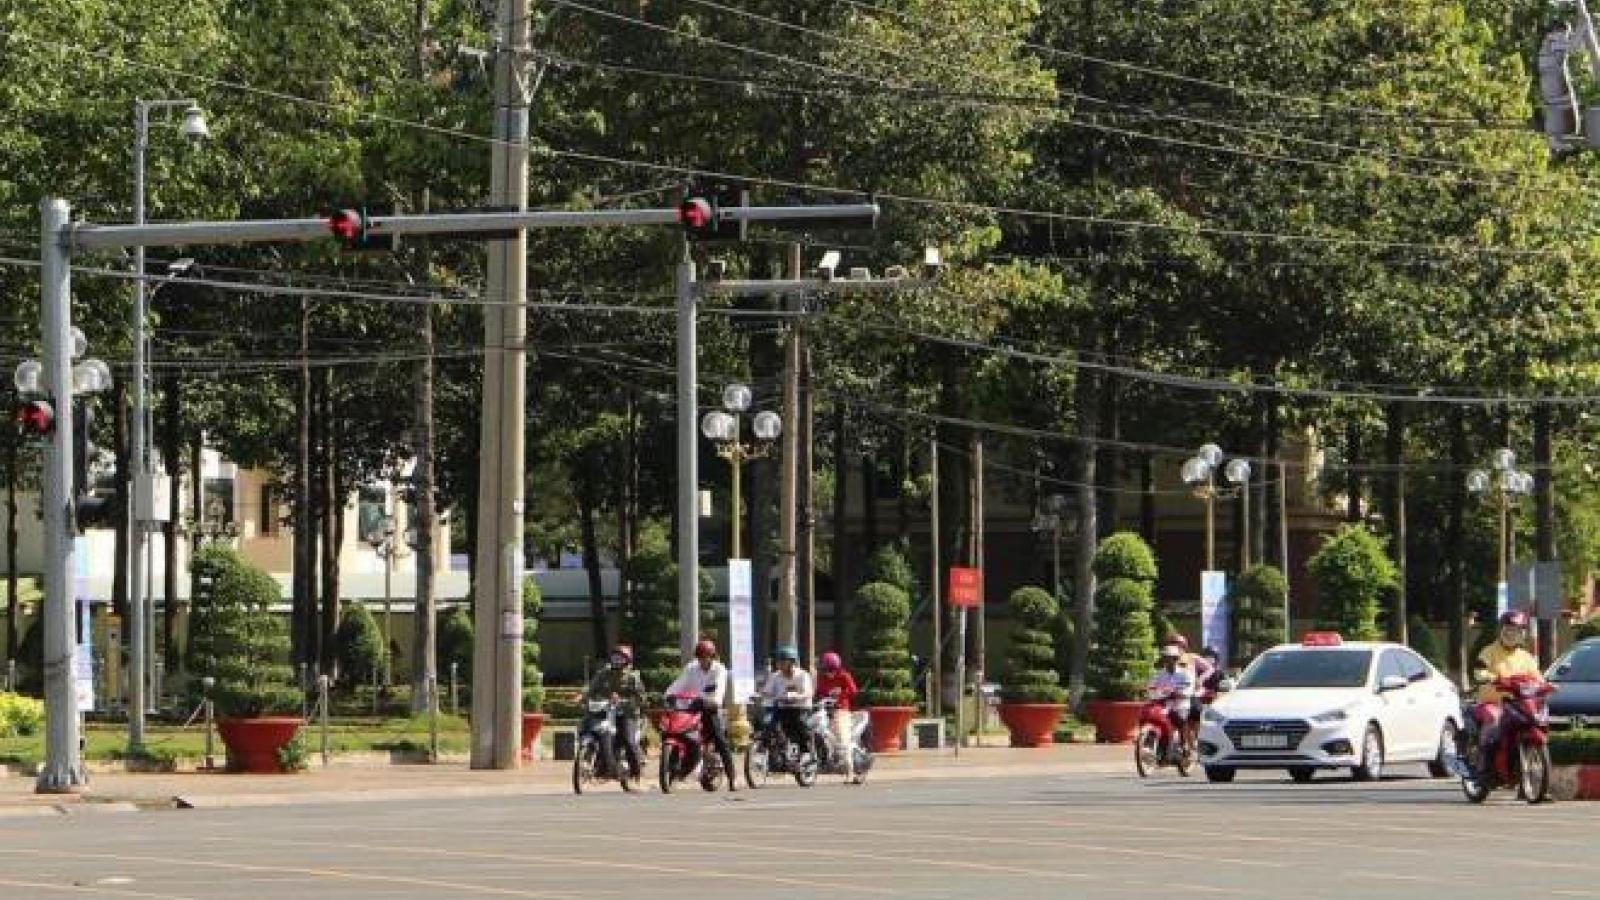 Hàng loạt xe biển xanh của tỉnh, thành ủy Bình Phước vượt đèn đỏ